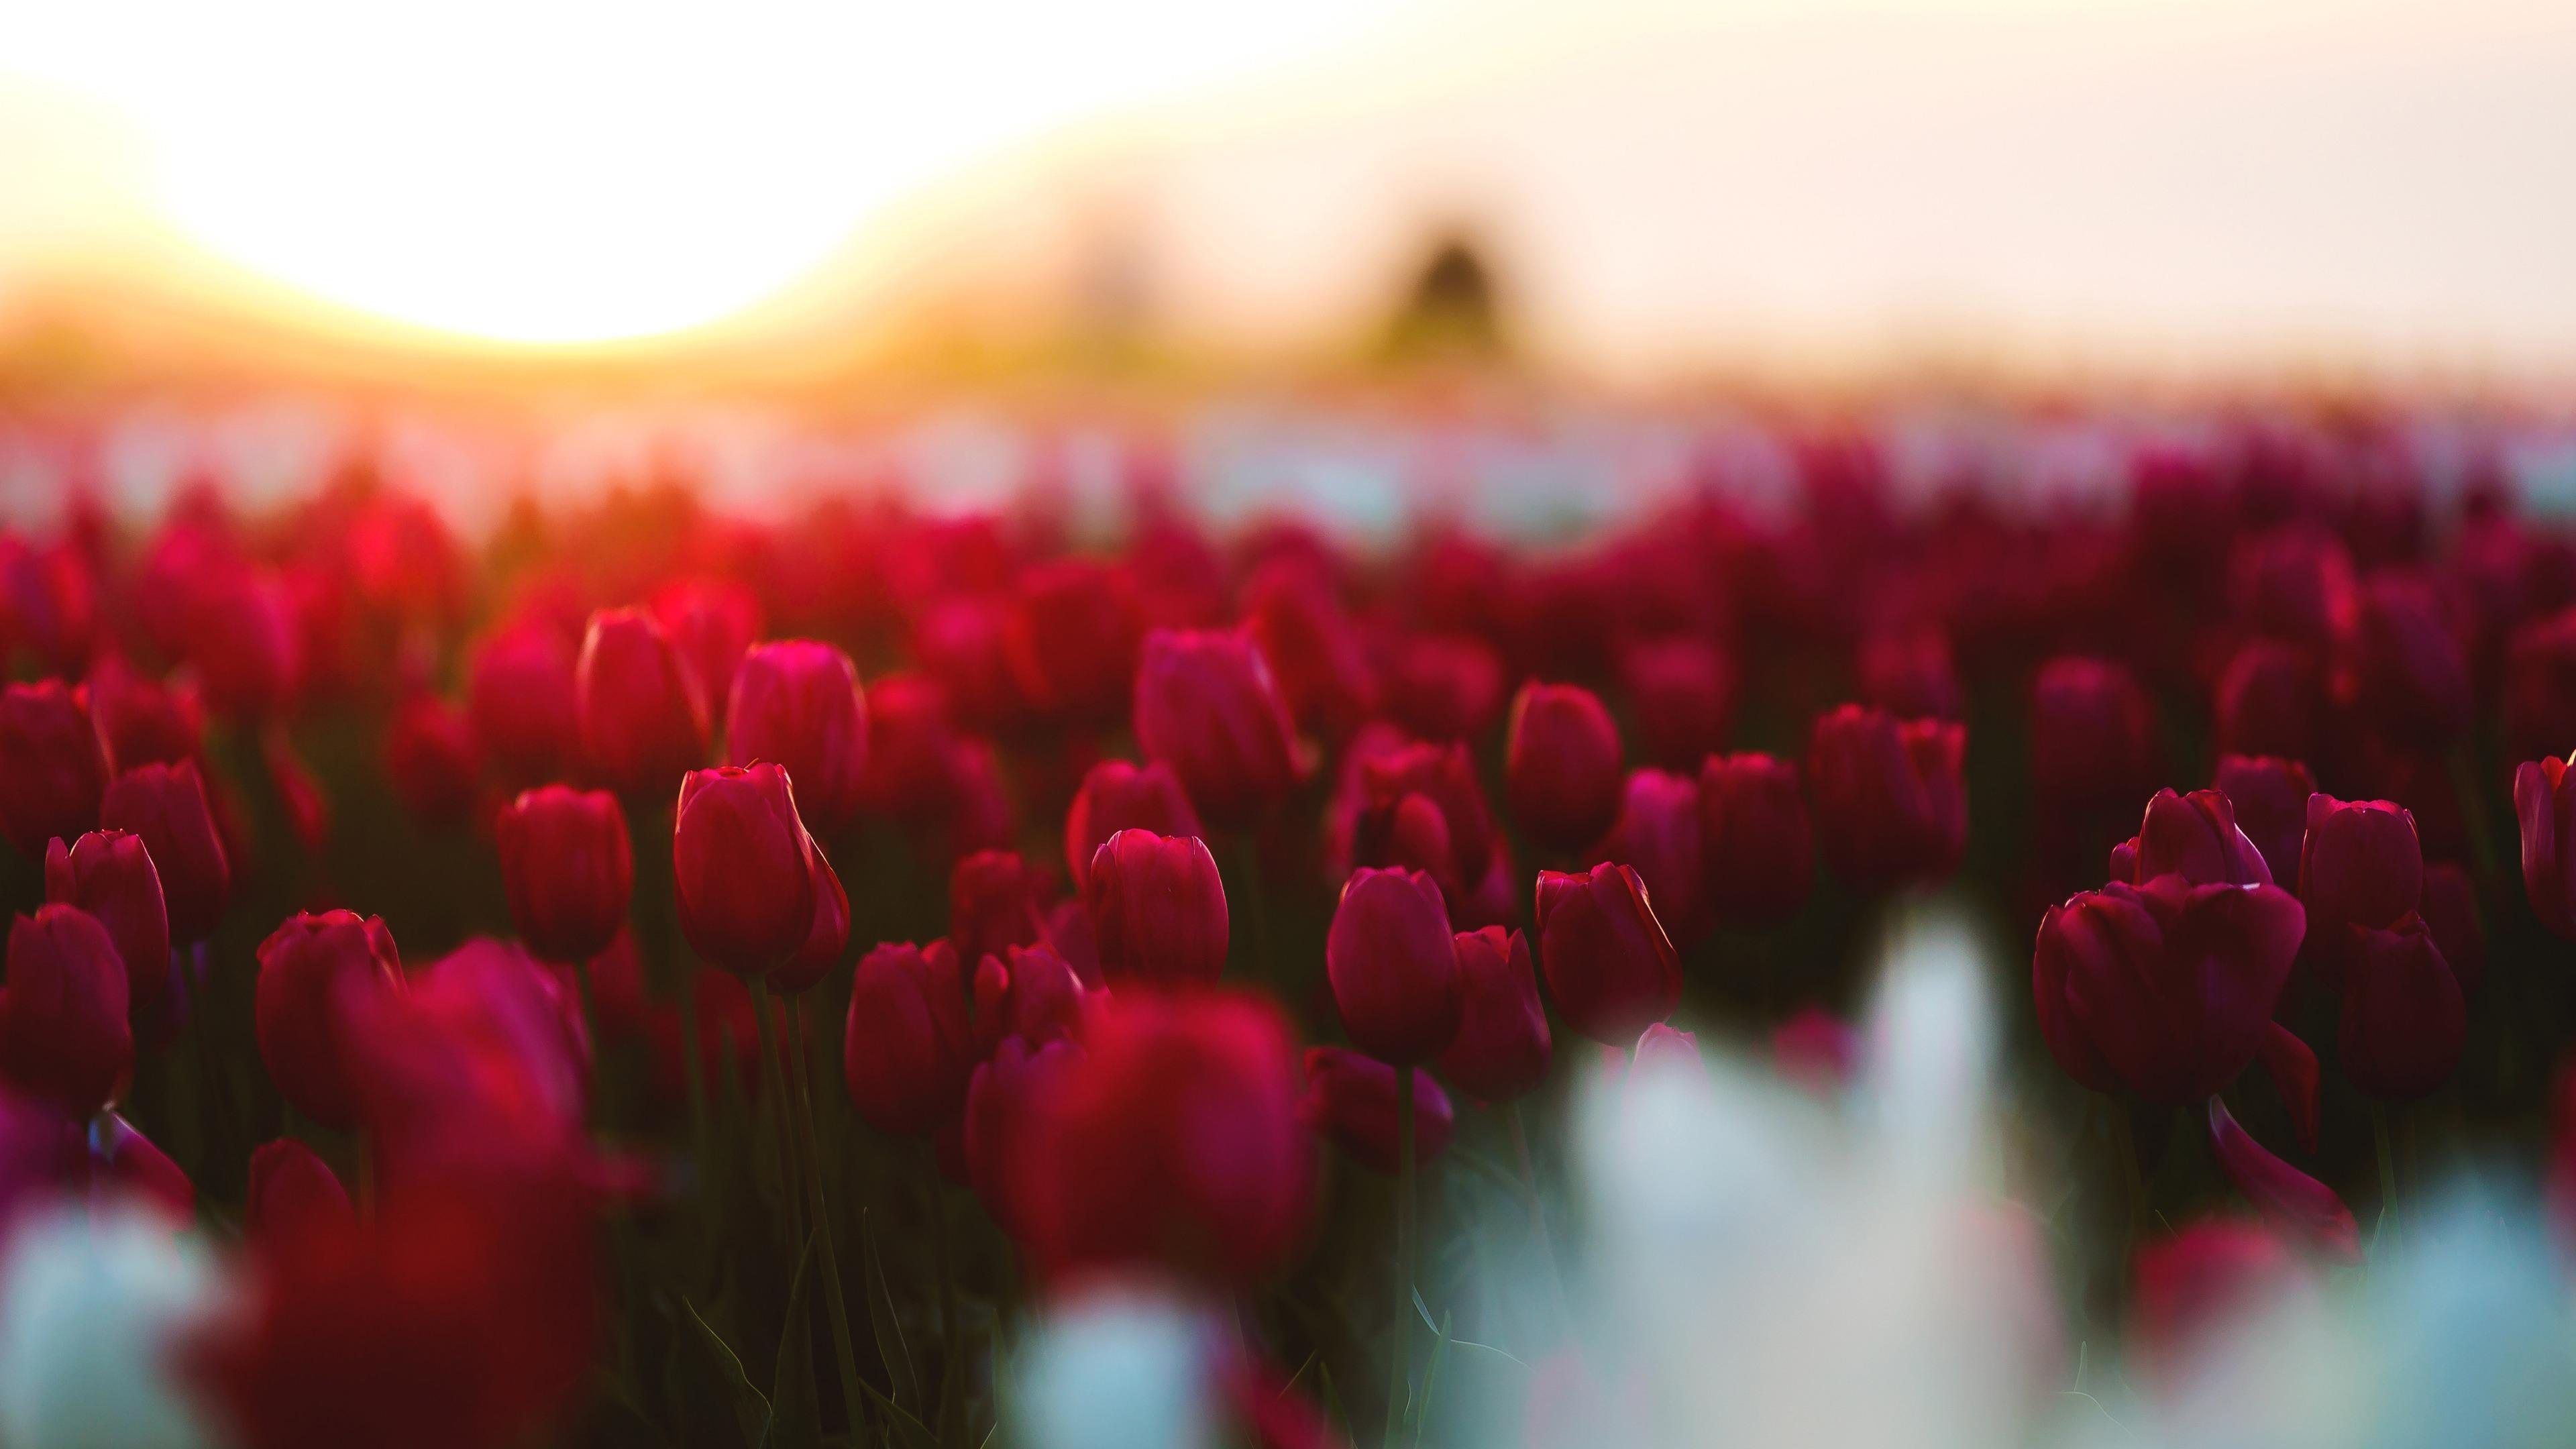 Red tulips garden wallpaper